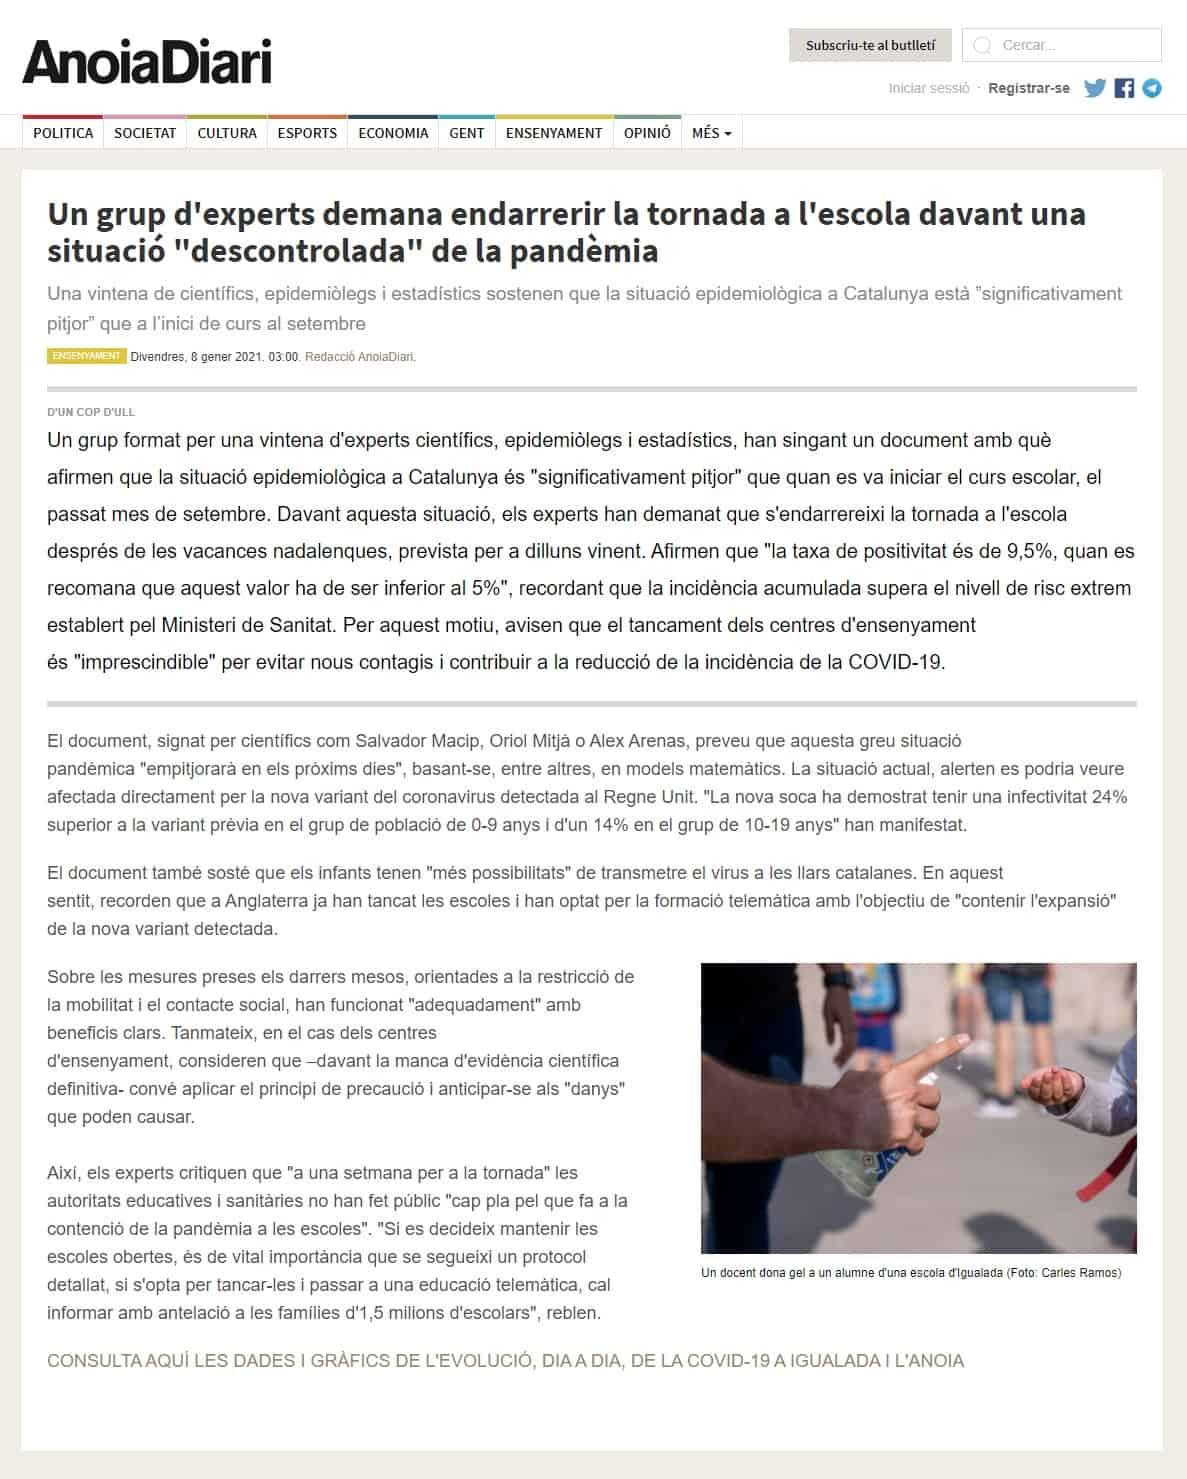 210108 - Anoiadiari - Un grup d'experts demana endarrerir la tornada a l'escola davant una situació descontrolada de la pandèmia